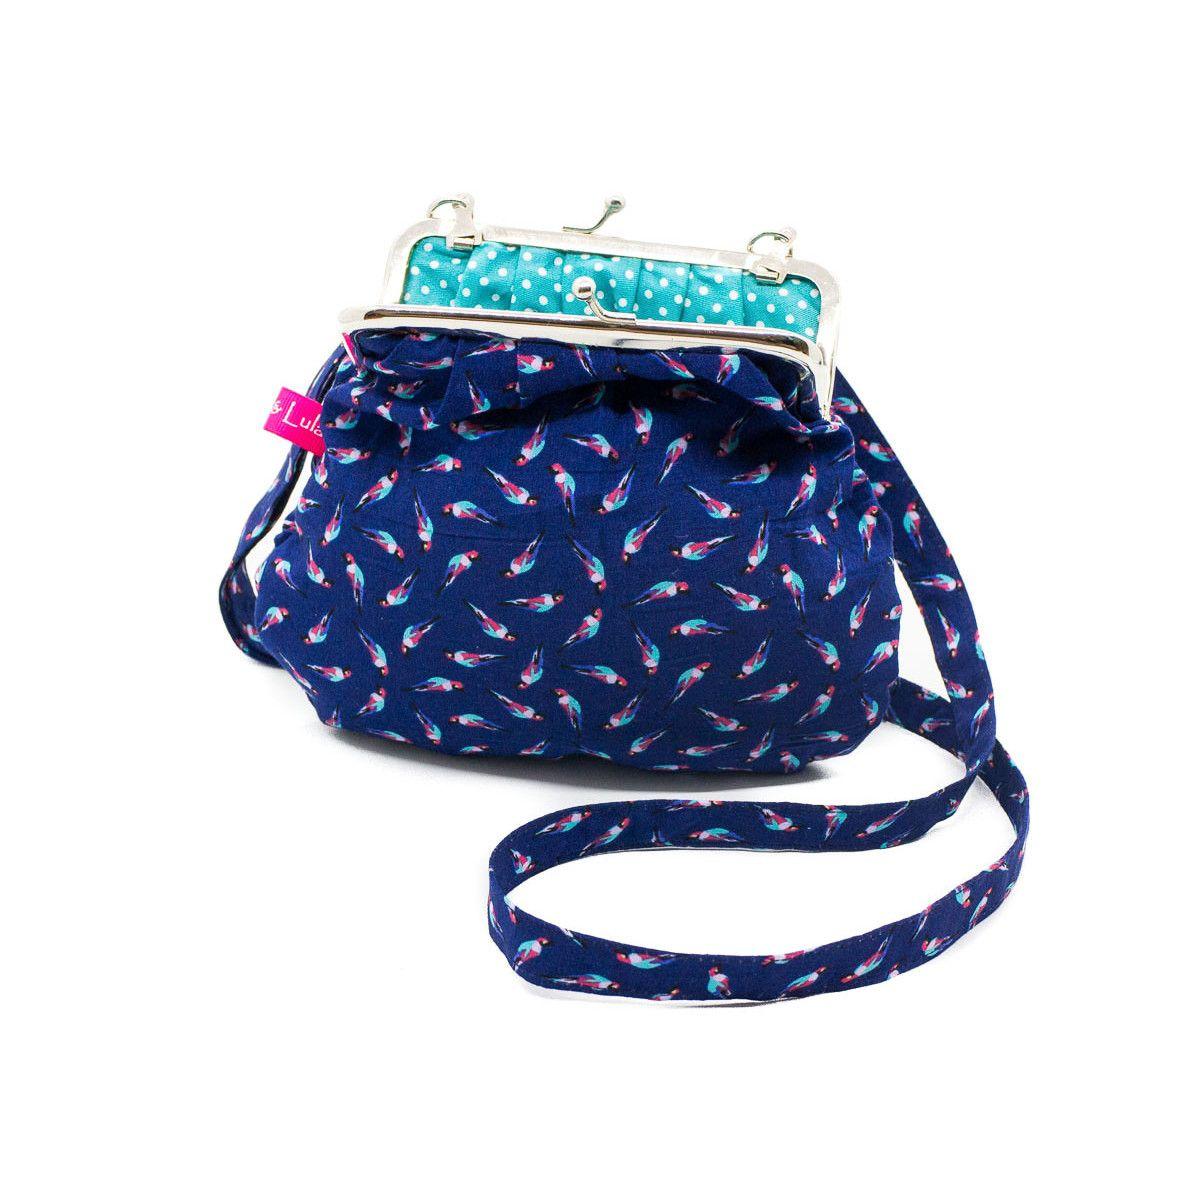 Petit sac rétro à clip coton bleu et perroquet